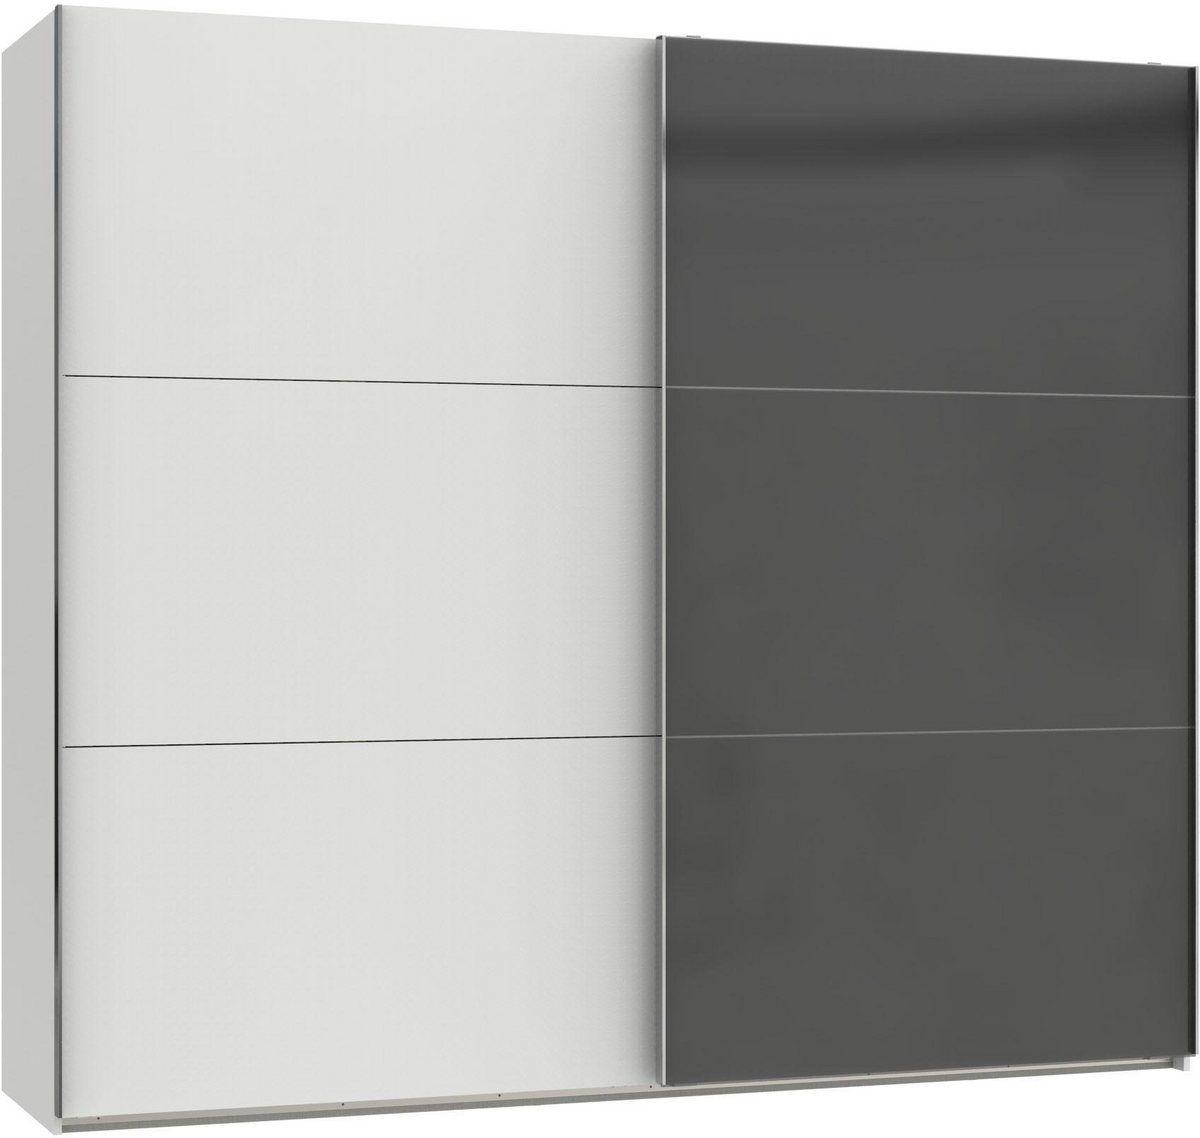 Schwebeturenschrank Level Mit Glastur Schwebeturenschrank